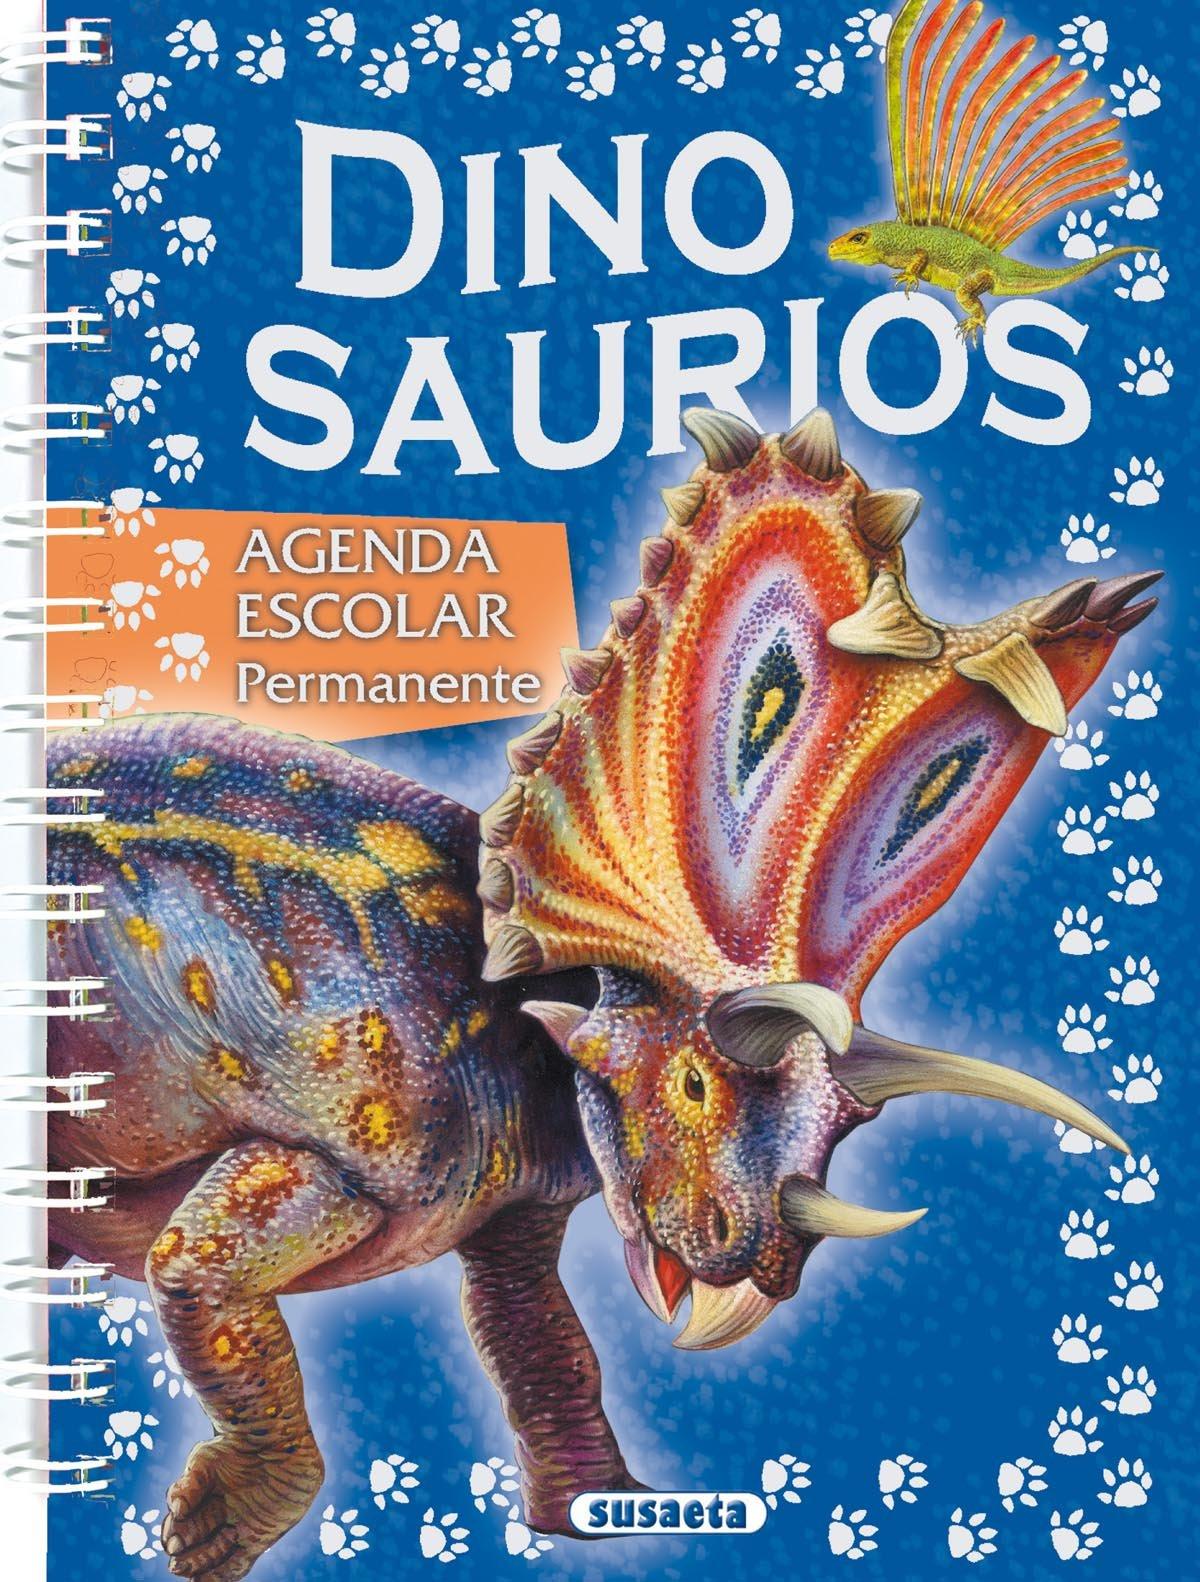 Agenda escolar permanente dinosaurios: 9788430525485: Amazon ...